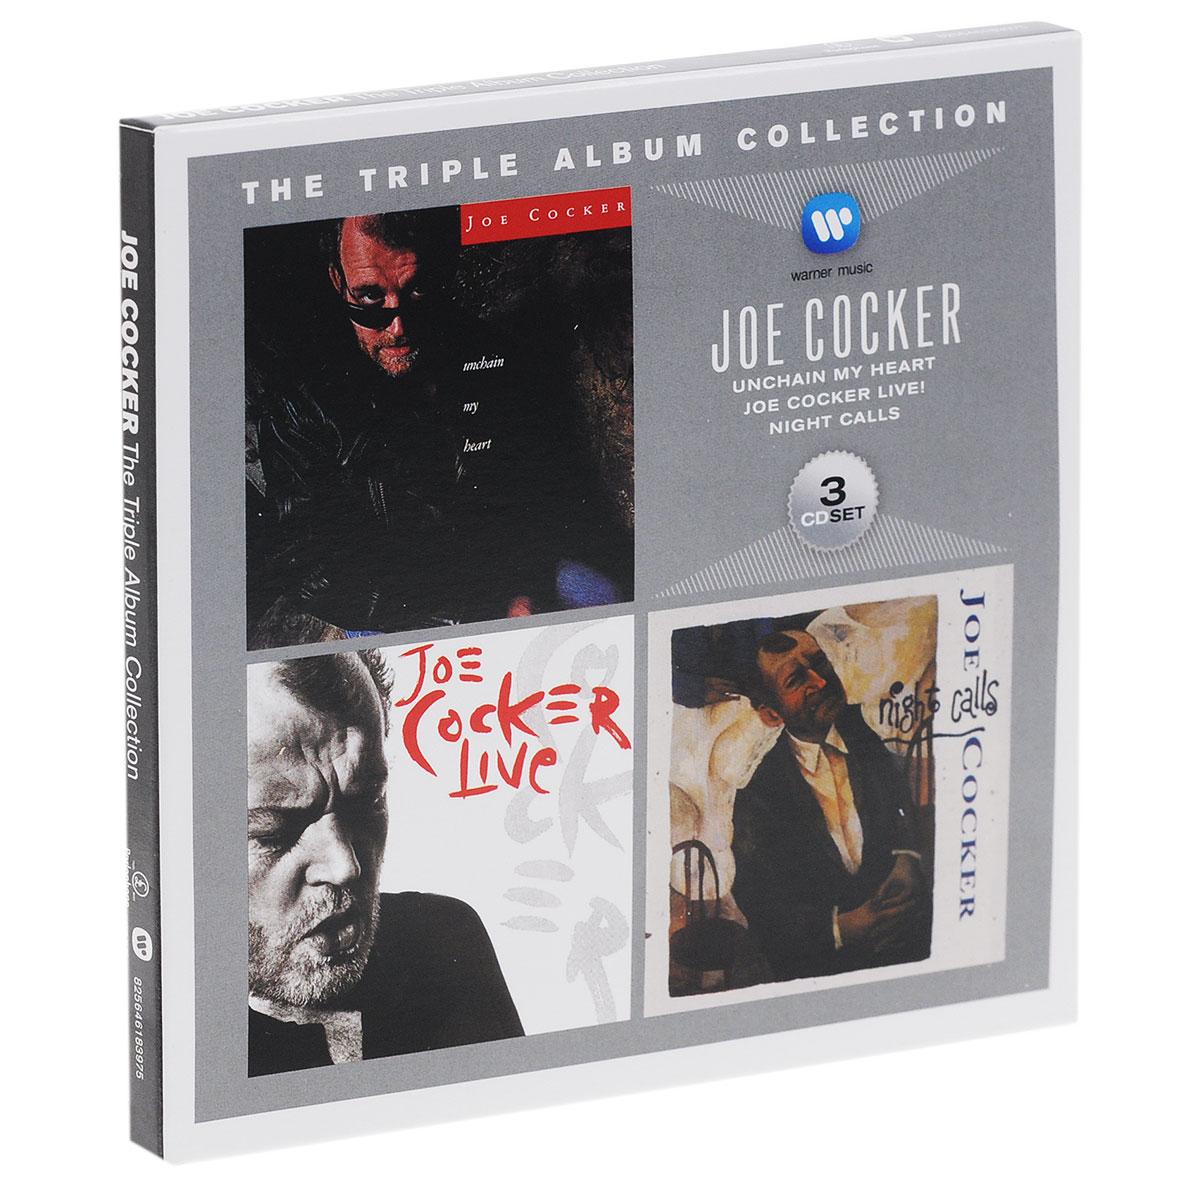 Джо Кокер Joe Cocker. The Triple Album Collection (3 CD) цена и фото